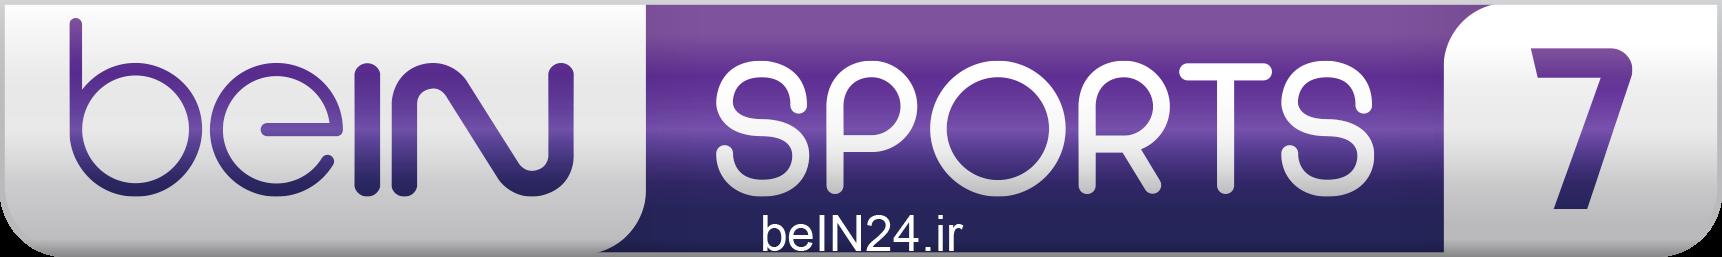 شبکه بین اسپرت ۷